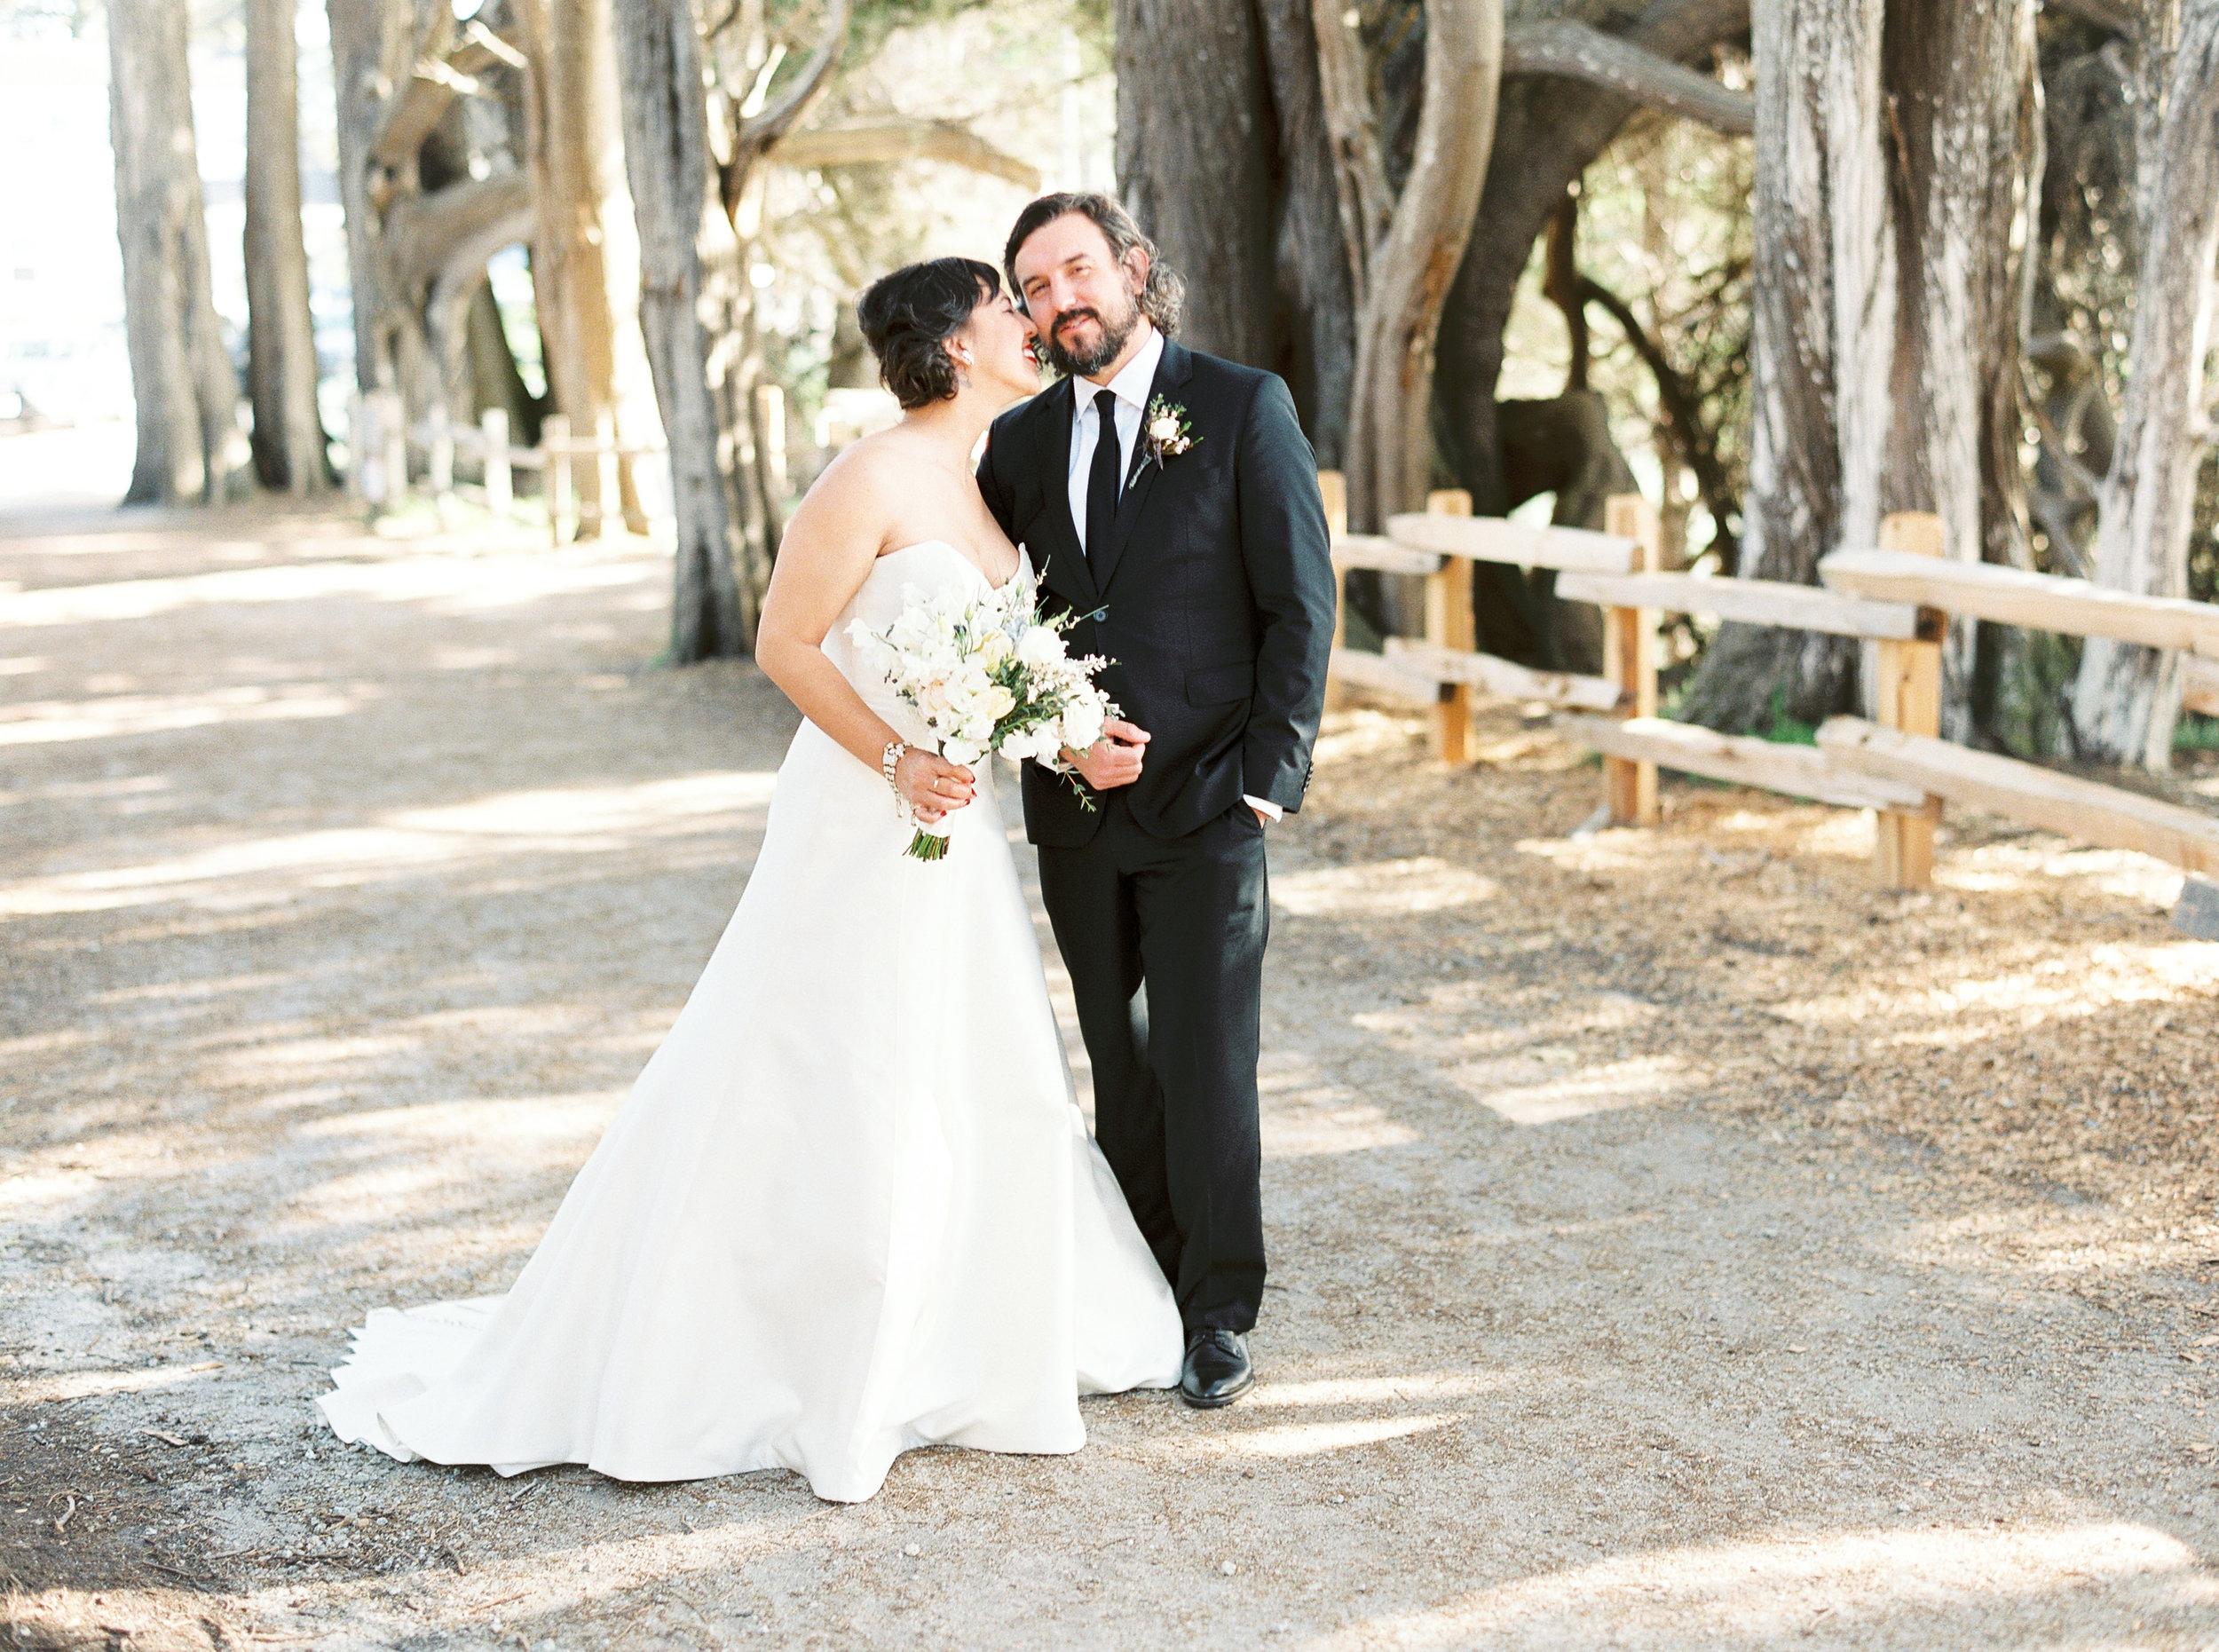 Mavericks-event-center-wedding-in-half-moon-bay-california481.jpg